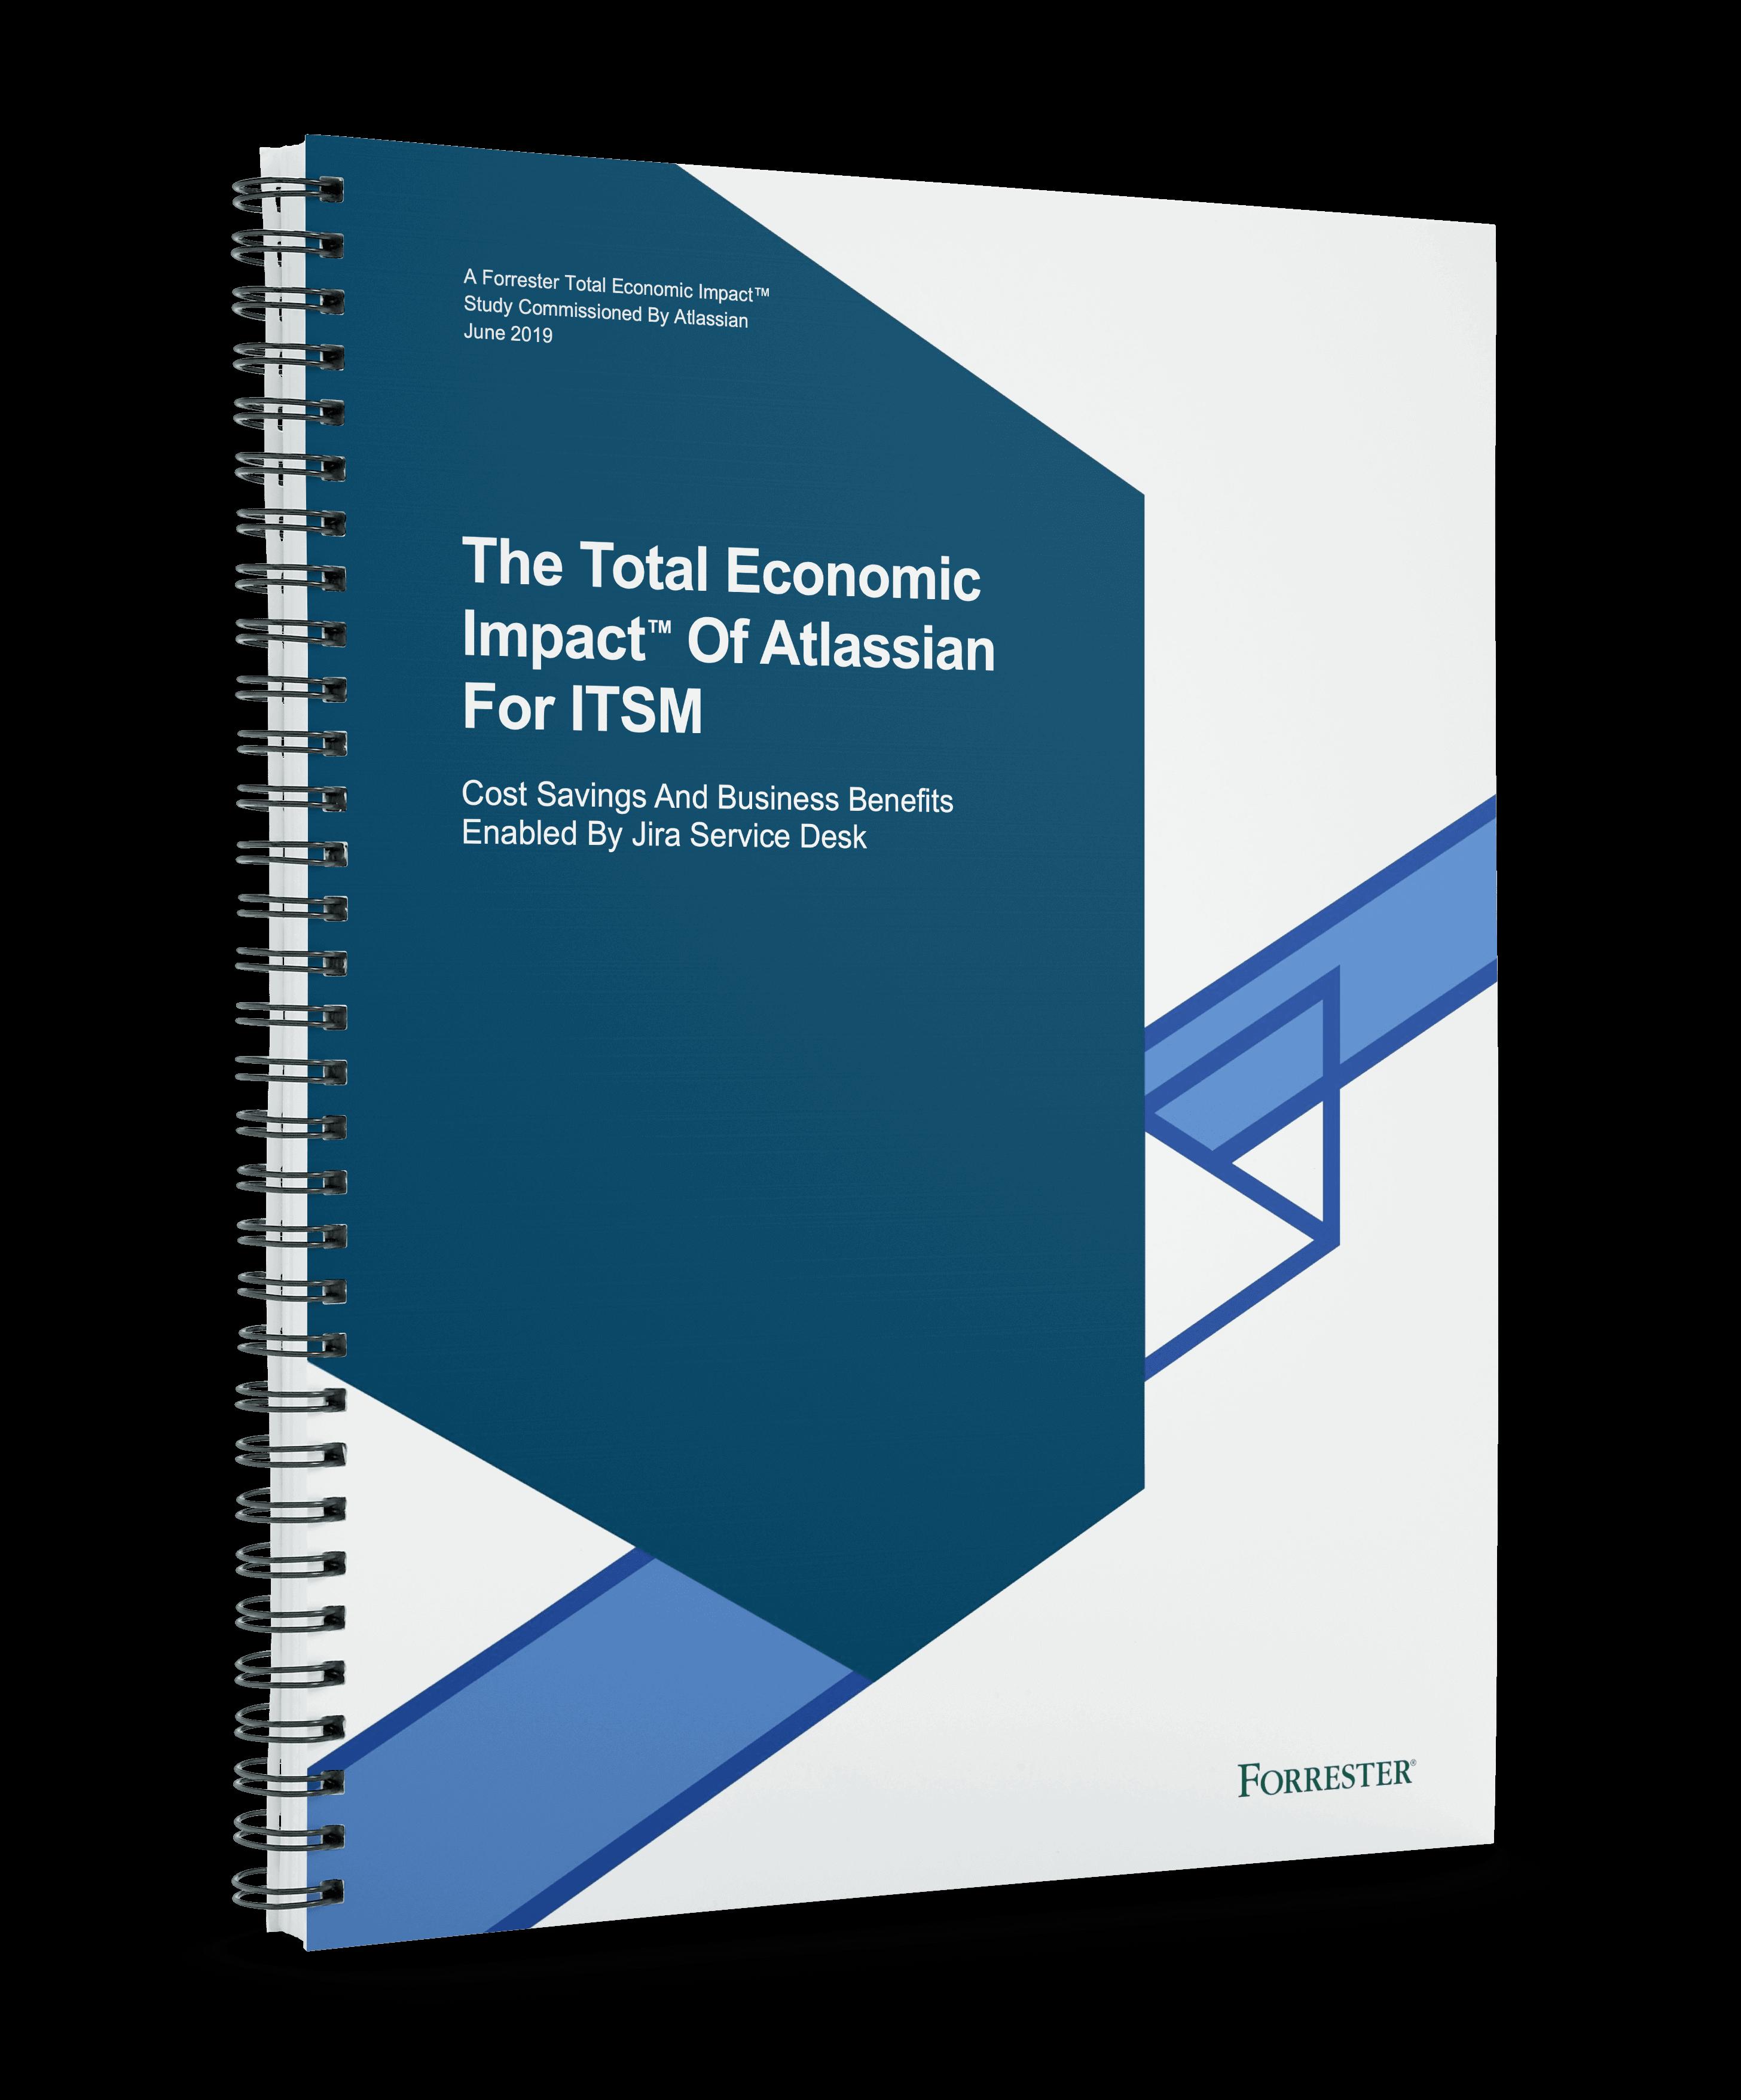 Forrester の『Total Economic Impact™ Of Atlassian For ITSM (ITSM でのアトラシアンの総経済効果)』